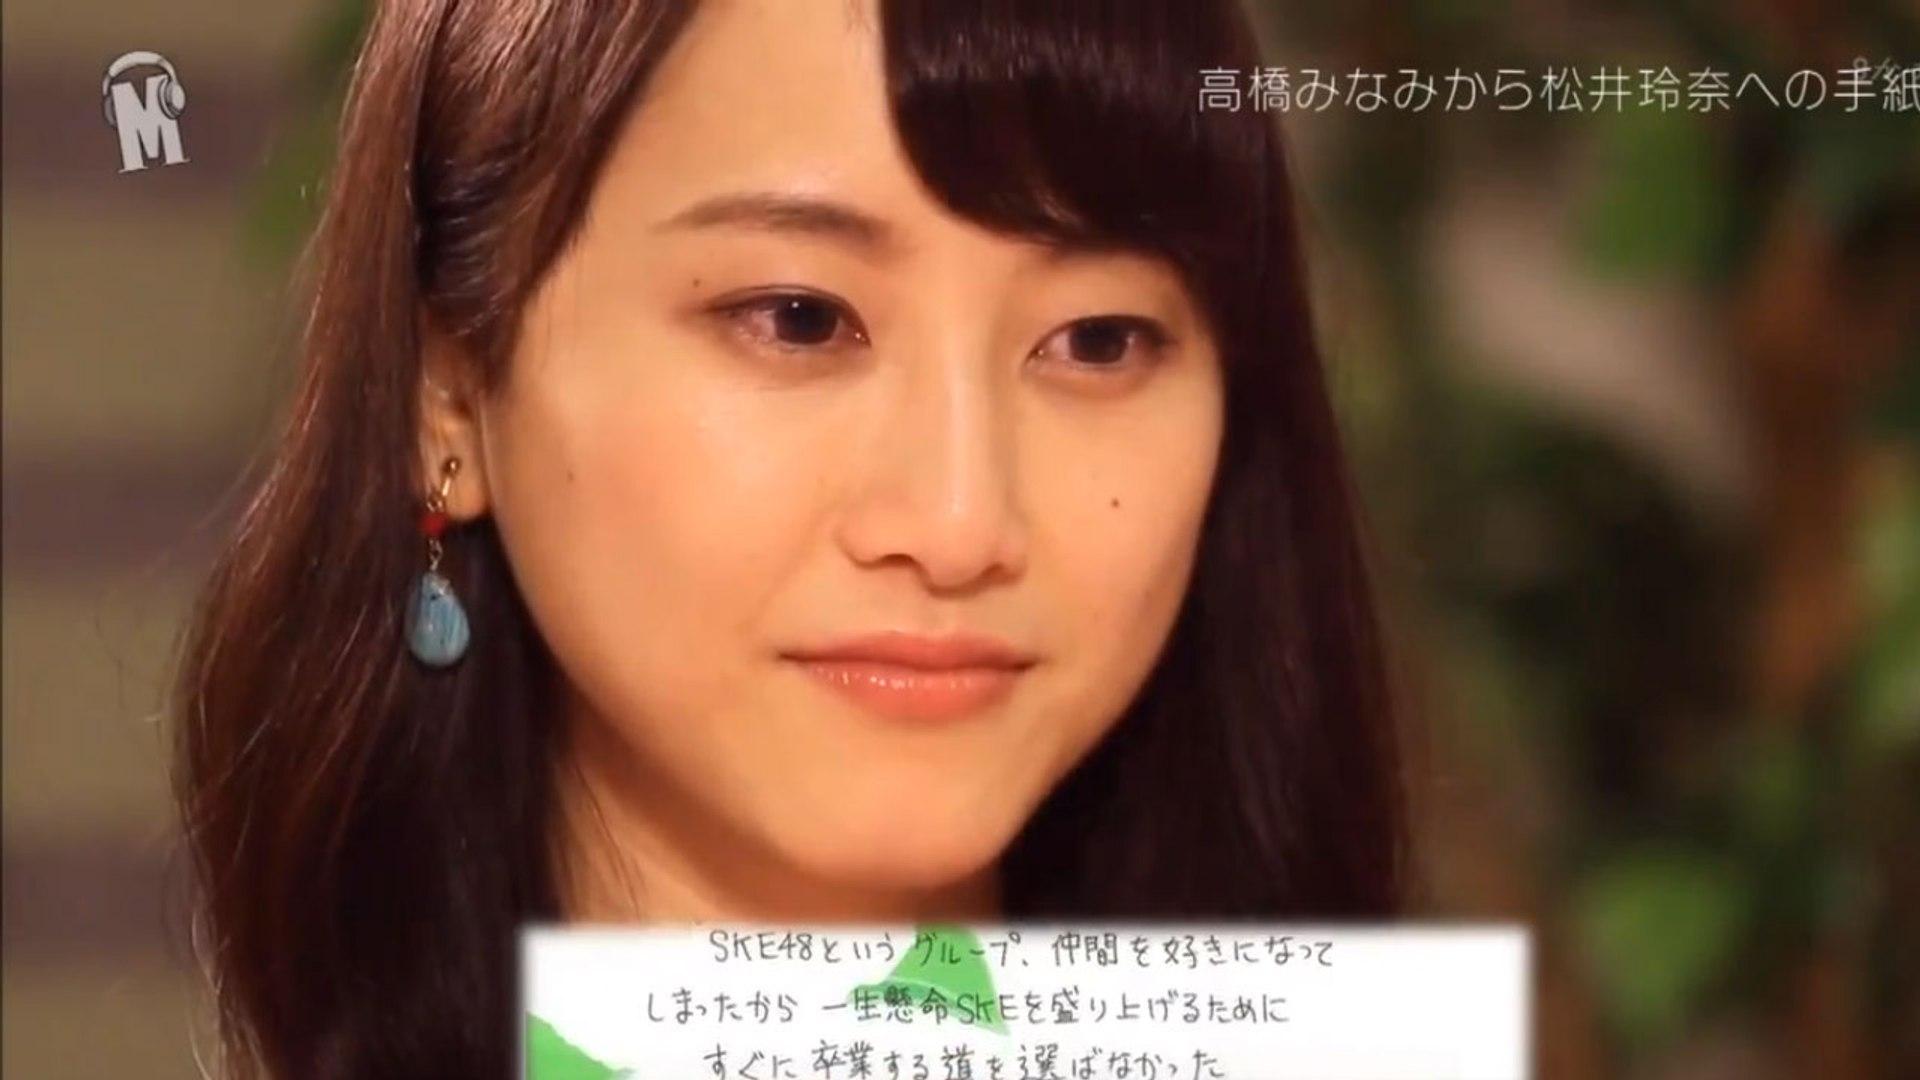 Minami Takahashi 高橋 みなみ Rena Matsui 松井玲奈 Mujack